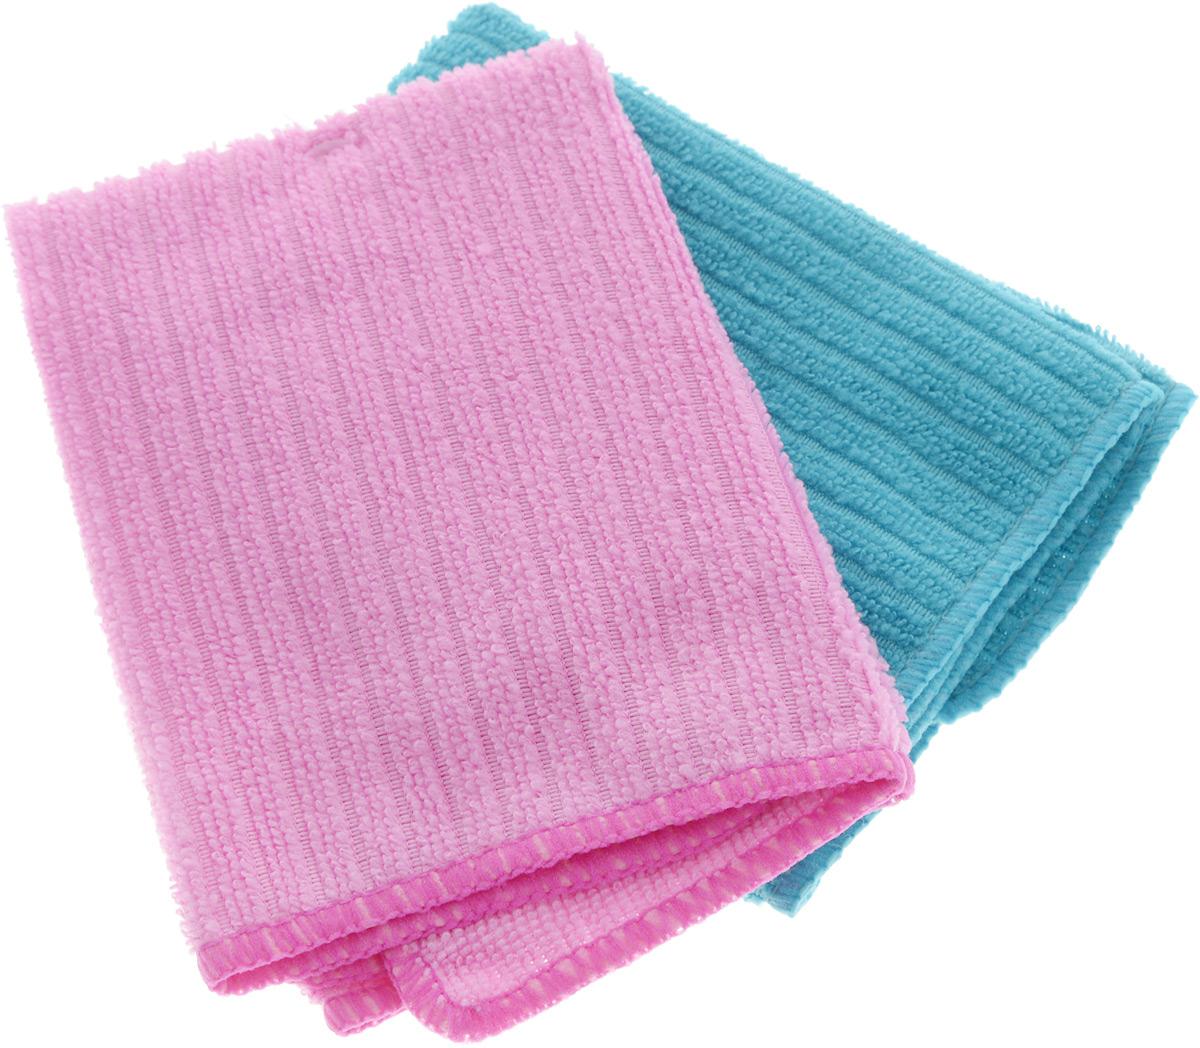 Салфетка из микрофибры Home Queen, цвет: бирюзовый, розовый, 30 х 30 см, 2 шт540024Салфетка Home Queen изготовлена из микрофибры (100% полиэстер). Это великолепная гипоаллергенная ткань, изготовленная из тончайших полимерных микроволокон. Салфетка из микрофибры может поглощать количество пыли и влаги, в 7 раз превышающее ее собственный вес. Многочисленные поры между микроволокнами, благодаря капиллярному эффекту, мгновенно впитывают воду, подобно губке. Благодаря мелким порам микроволокна, любые капельки, остающиеся на чистящей поверхности, очень быстро испаряются, и остается чистая дорожка без полос и разводов. В сухом виде при вытирании поверхности волокна микрофибры электризуются и притягивают к себе микробов, мельчайшие частицы пыли и грязи, удерживая их в своих микропорах.Размер салфетки: 30 х 30 см.